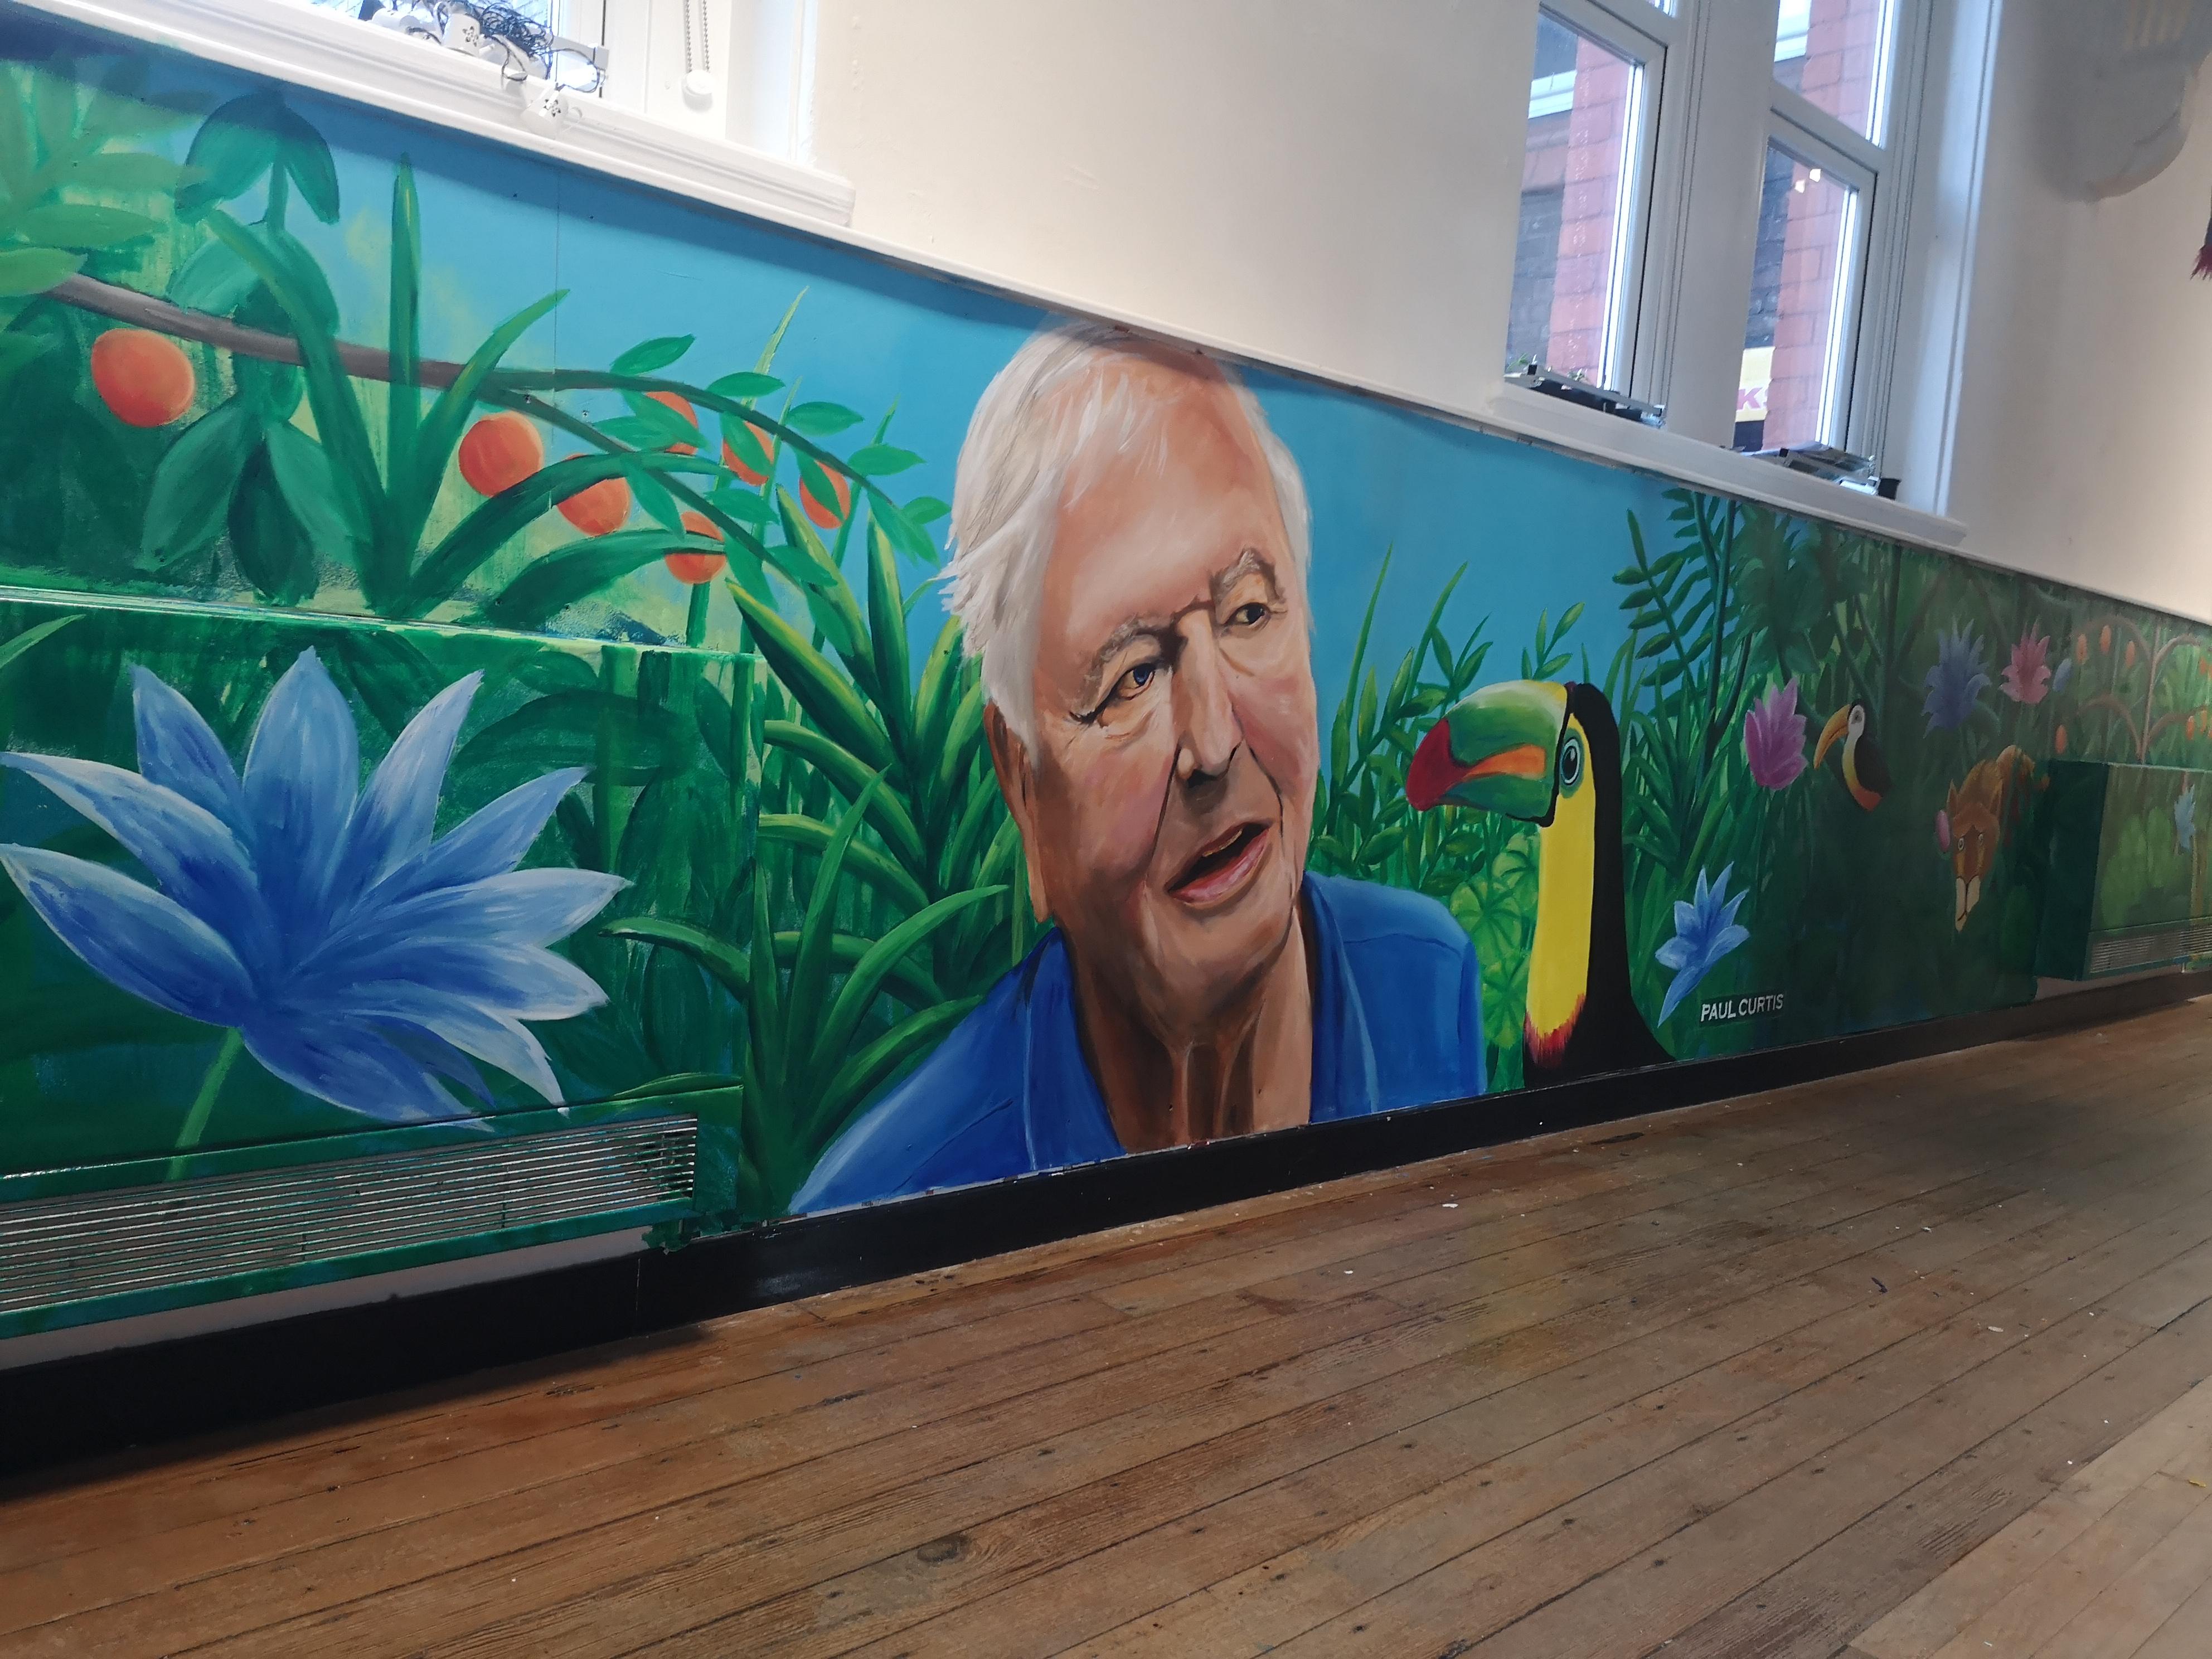 Sir David Attenborough mural, Paul Curti